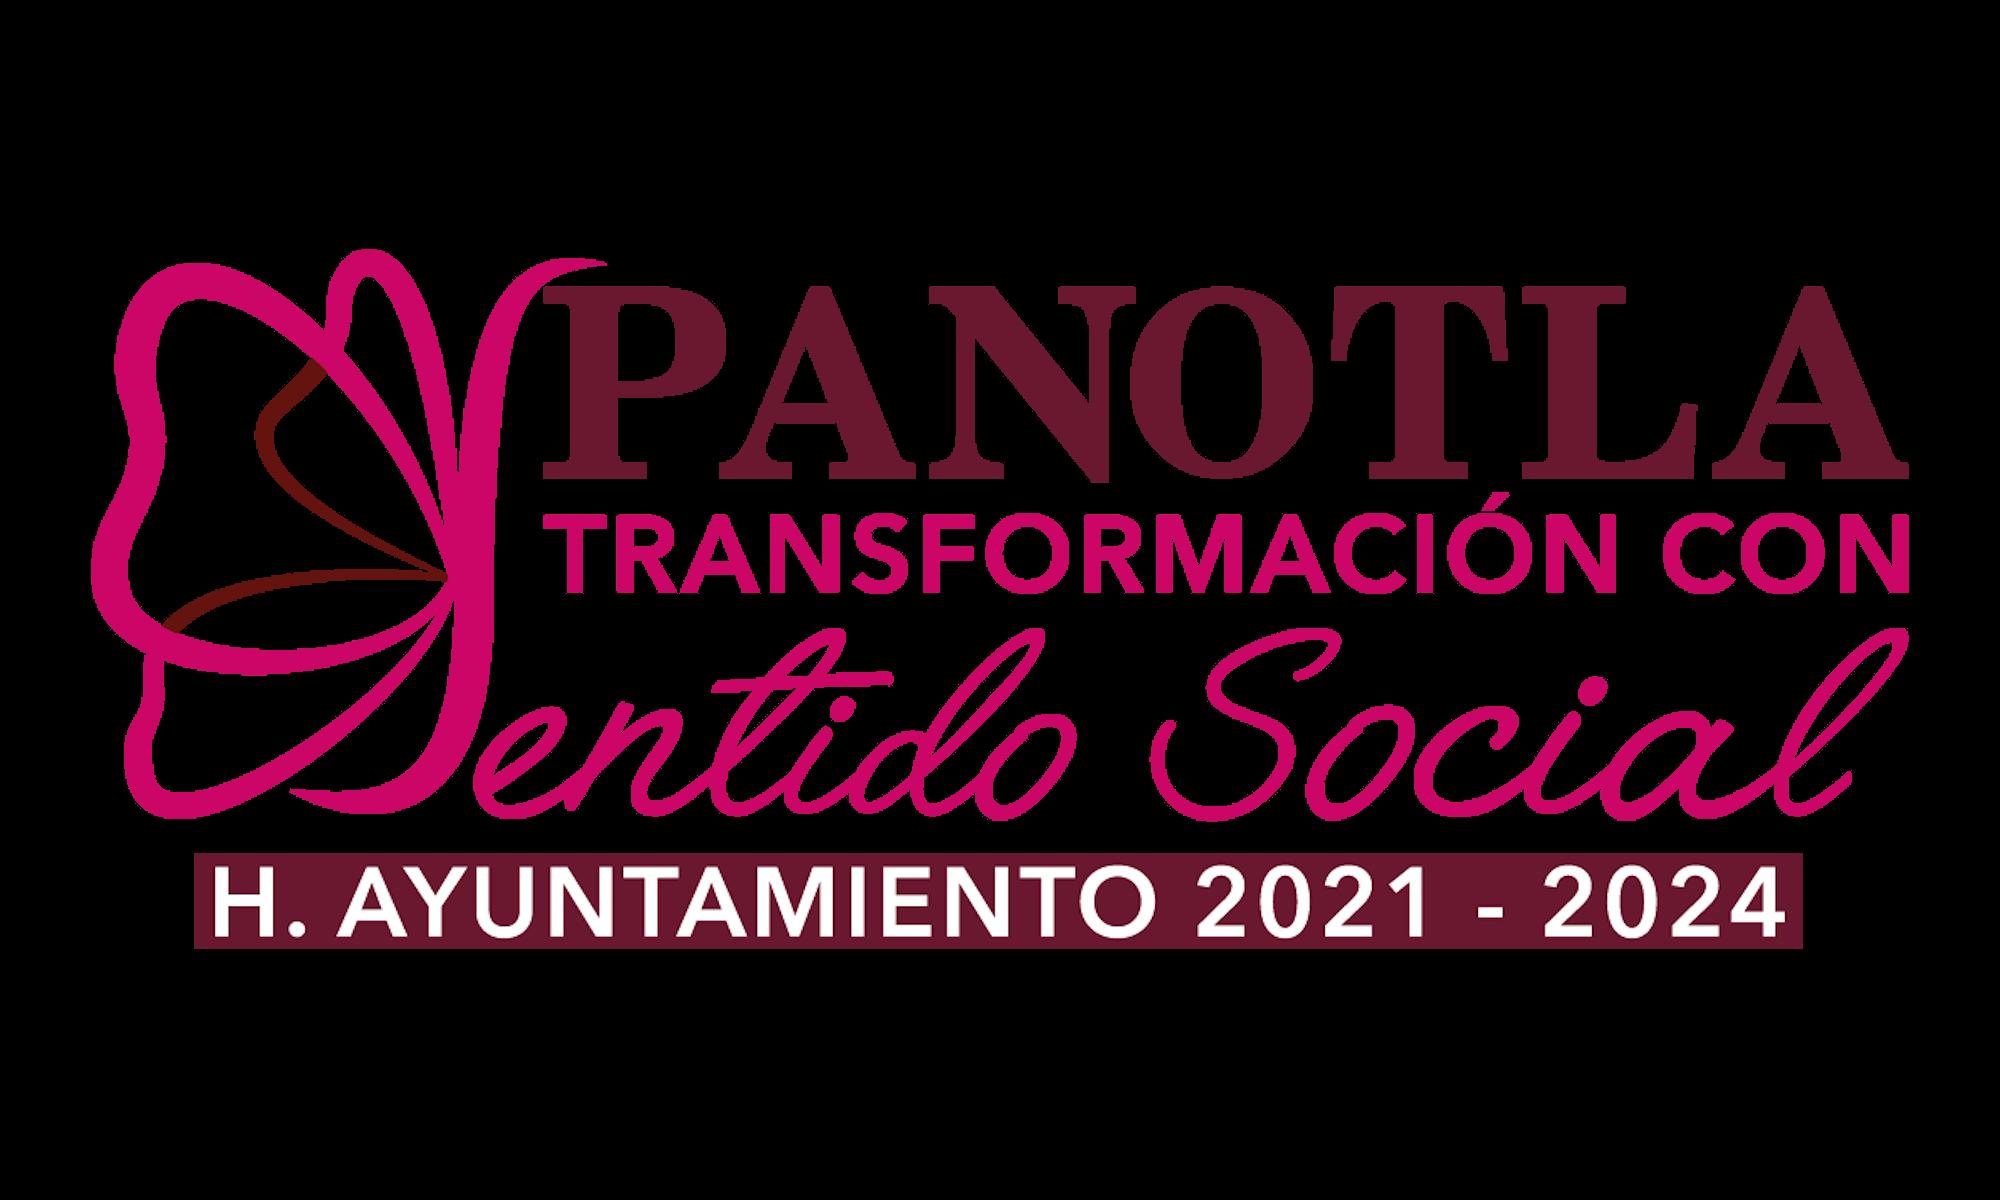 H. Ayuntamiento de Panotla